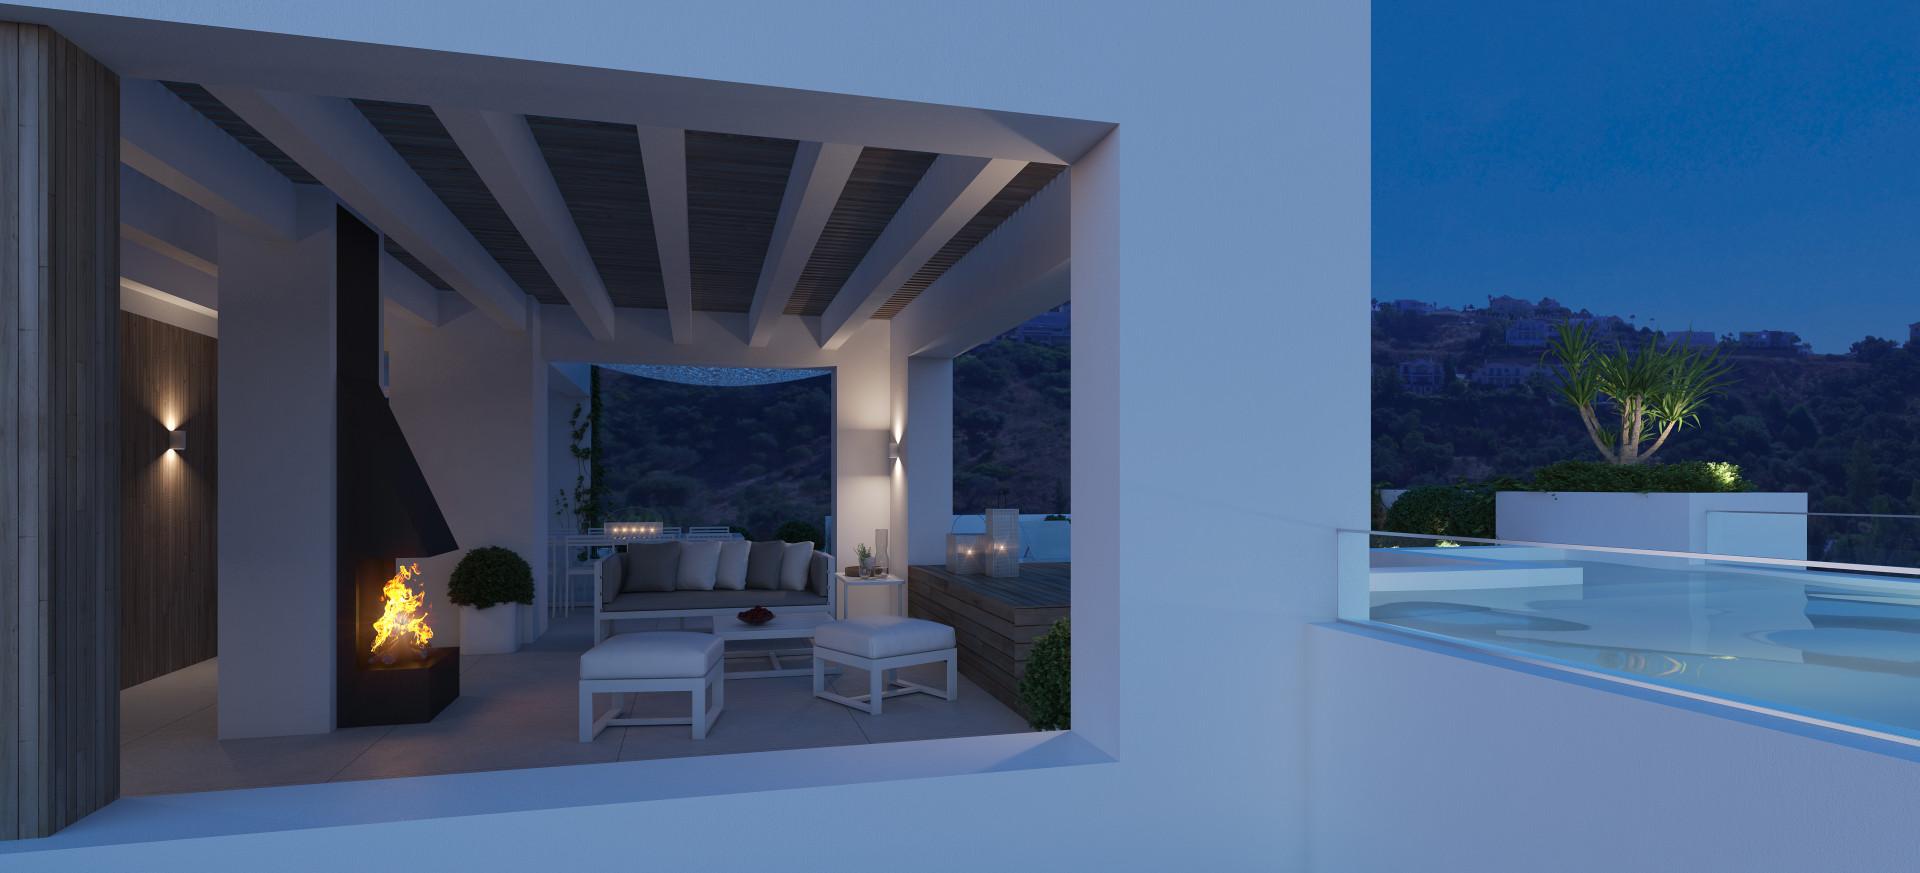 Benahavís: Small luxurious complex with panoramic views in Benahavis